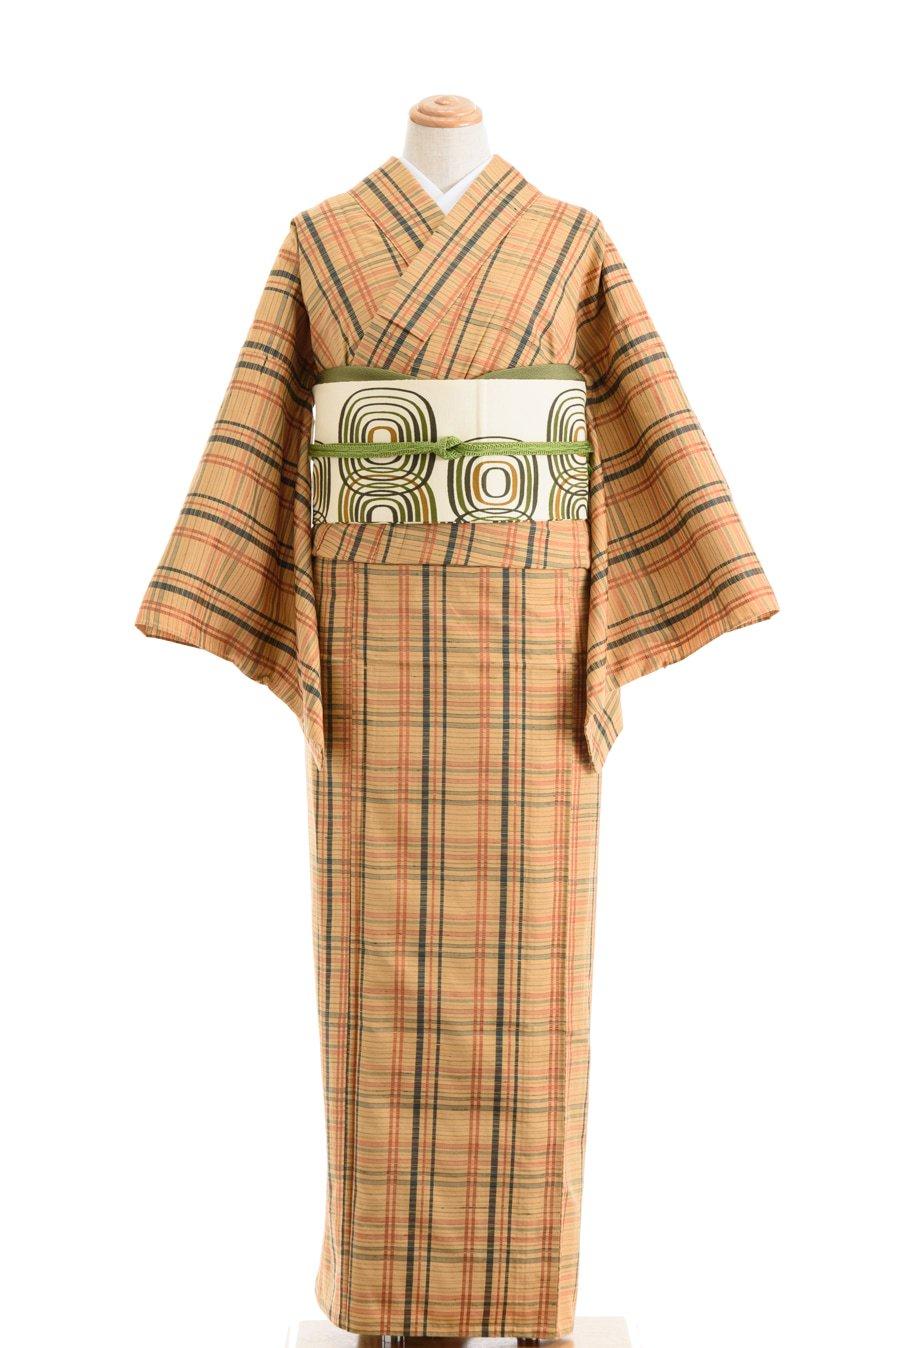 「単衣 紬 柑子色に格子」の商品画像